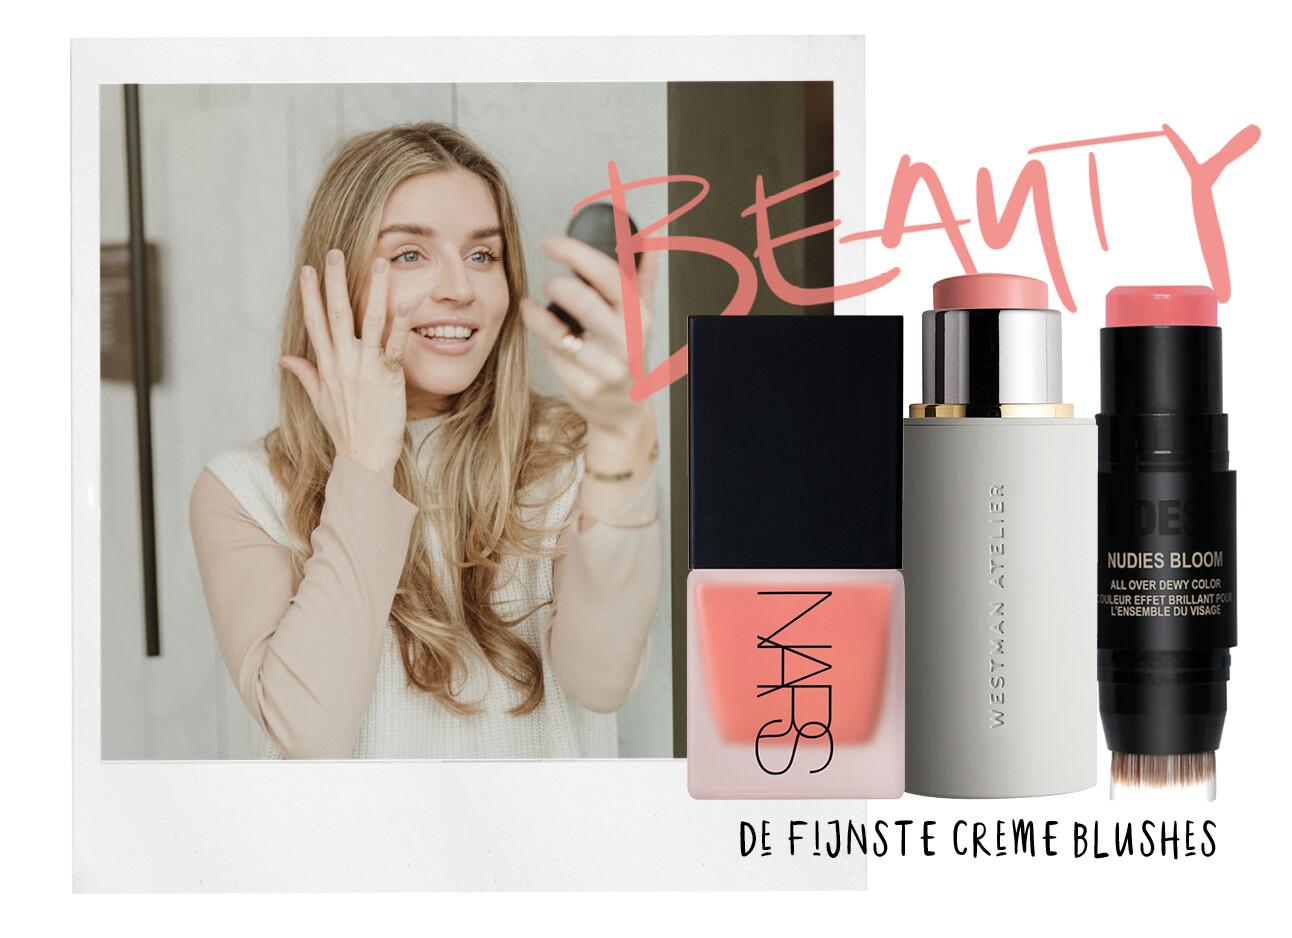 creme blush beauty items make-up lotte van scherpenzeel Nars Westman